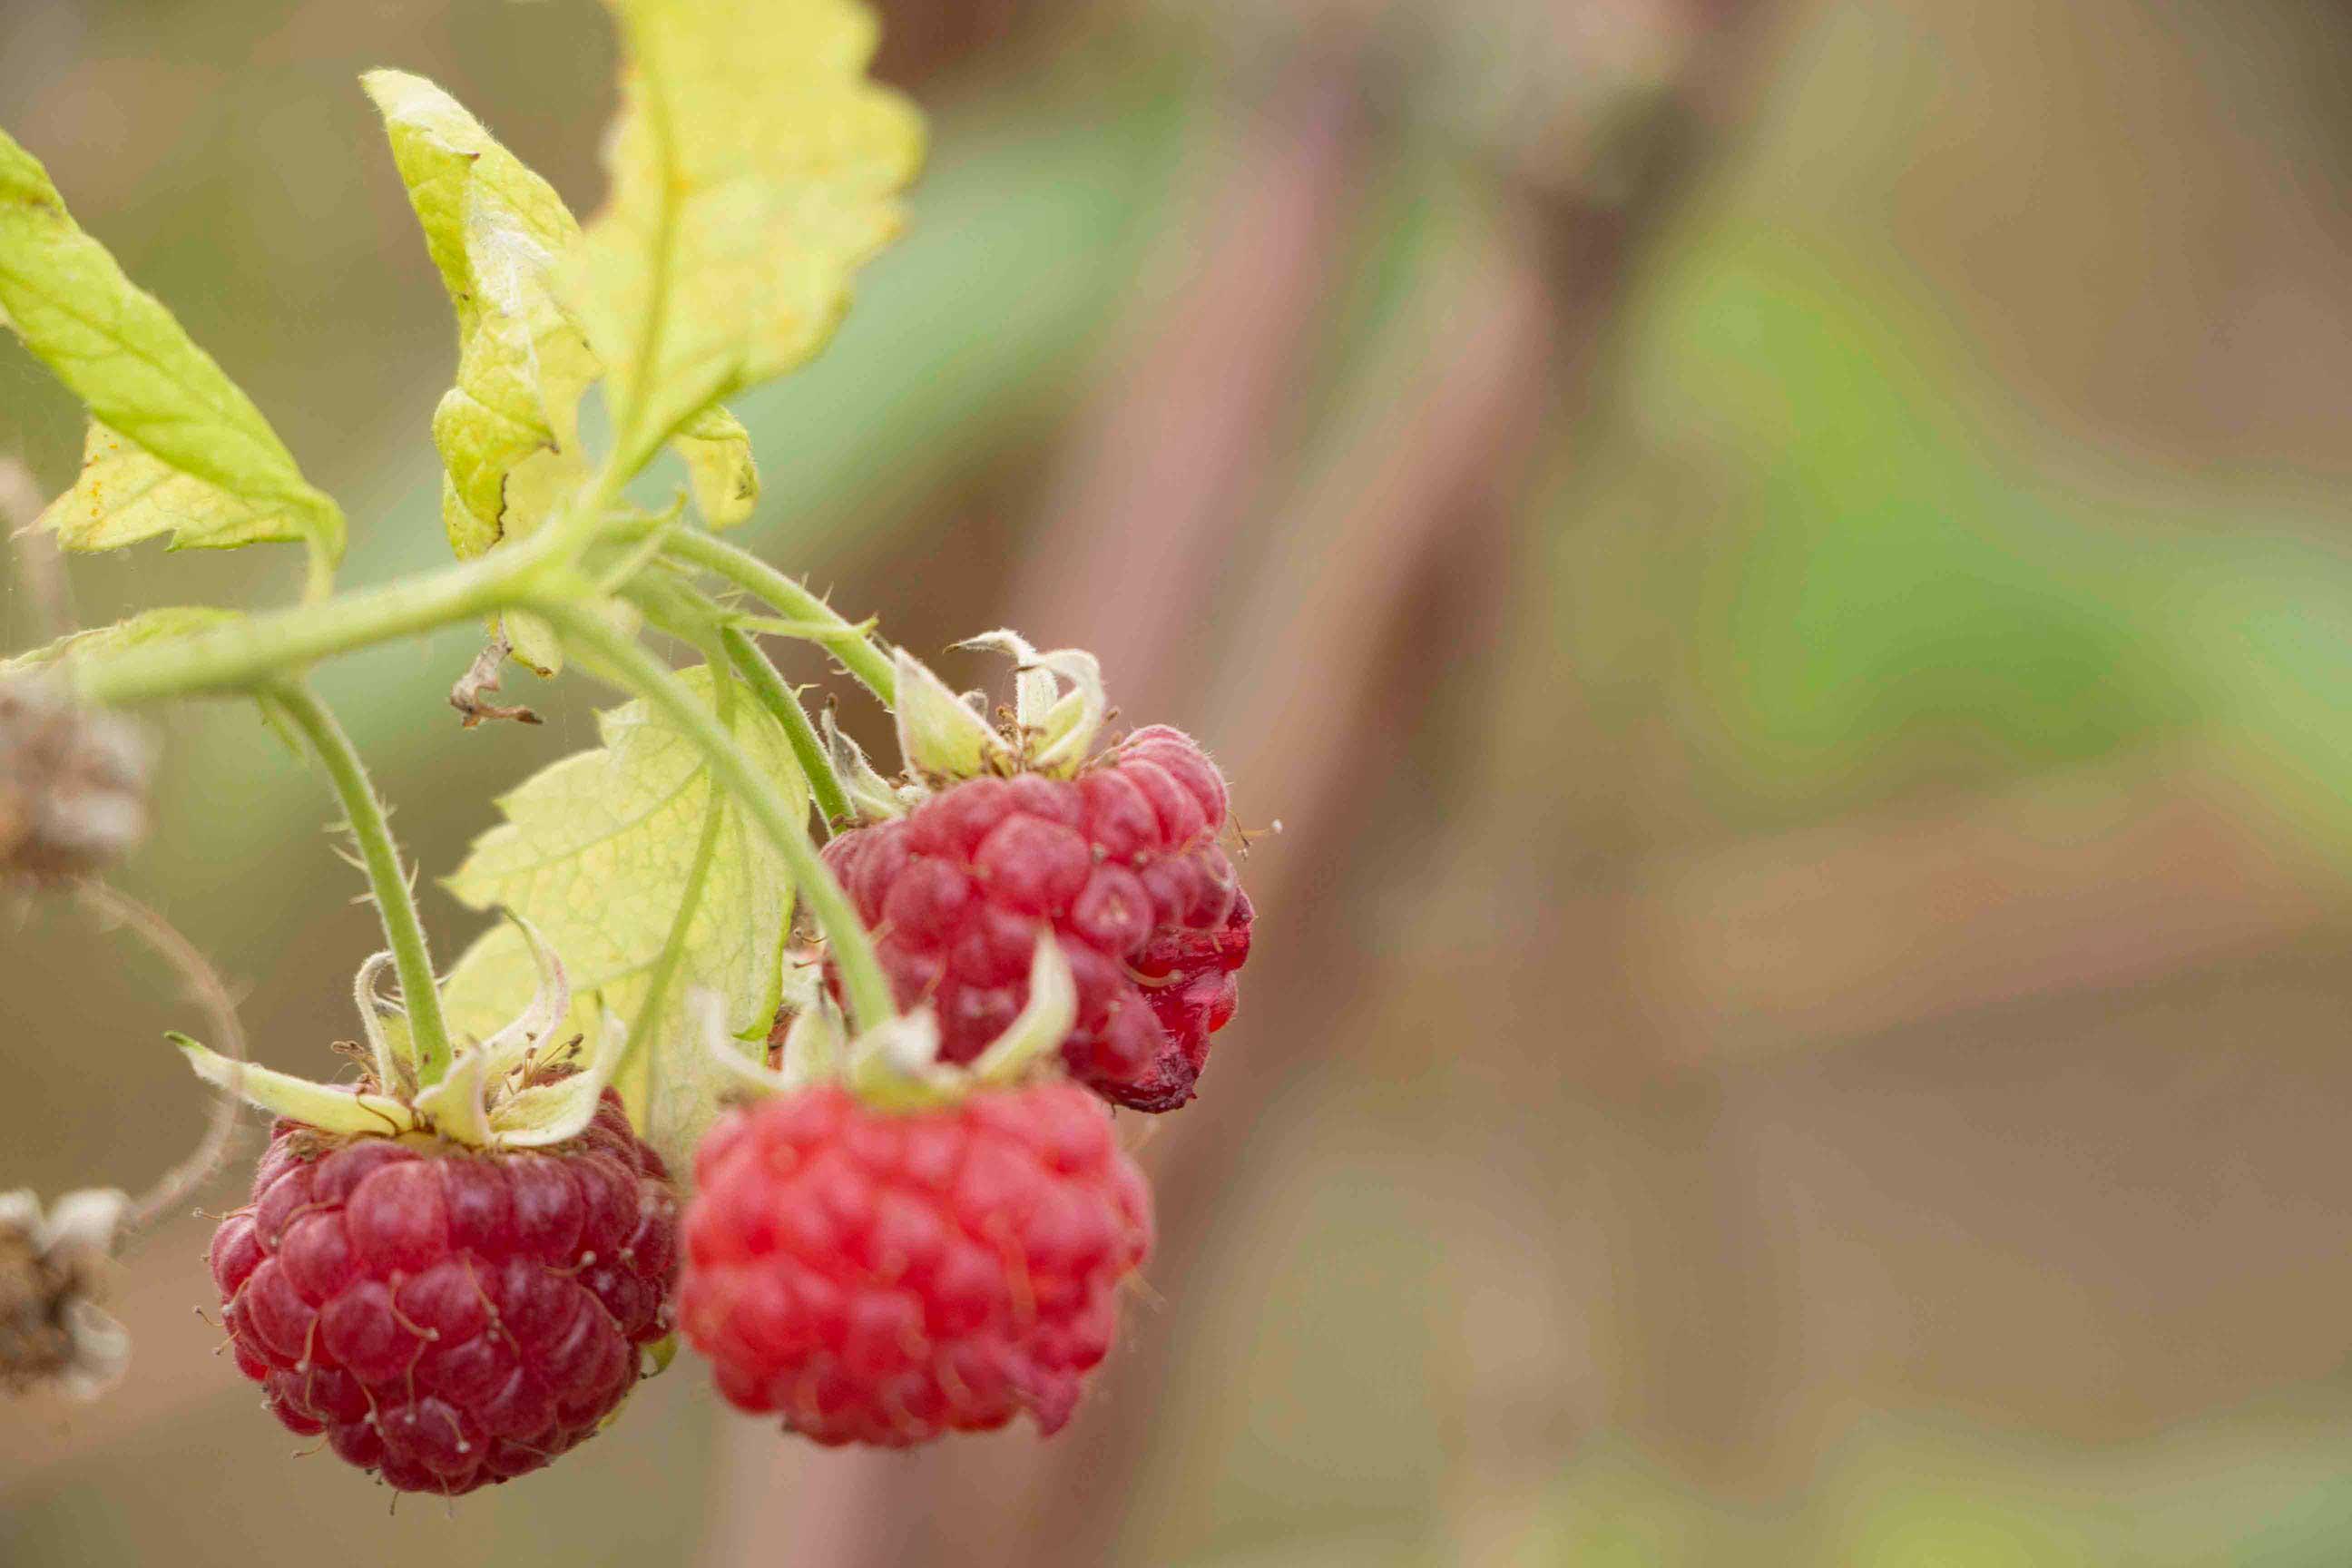 Campos-do-Jordao-Turismo-Rural-Fazenda-Saint-Clair-frutas-vermelhas-IMG_9115-bx